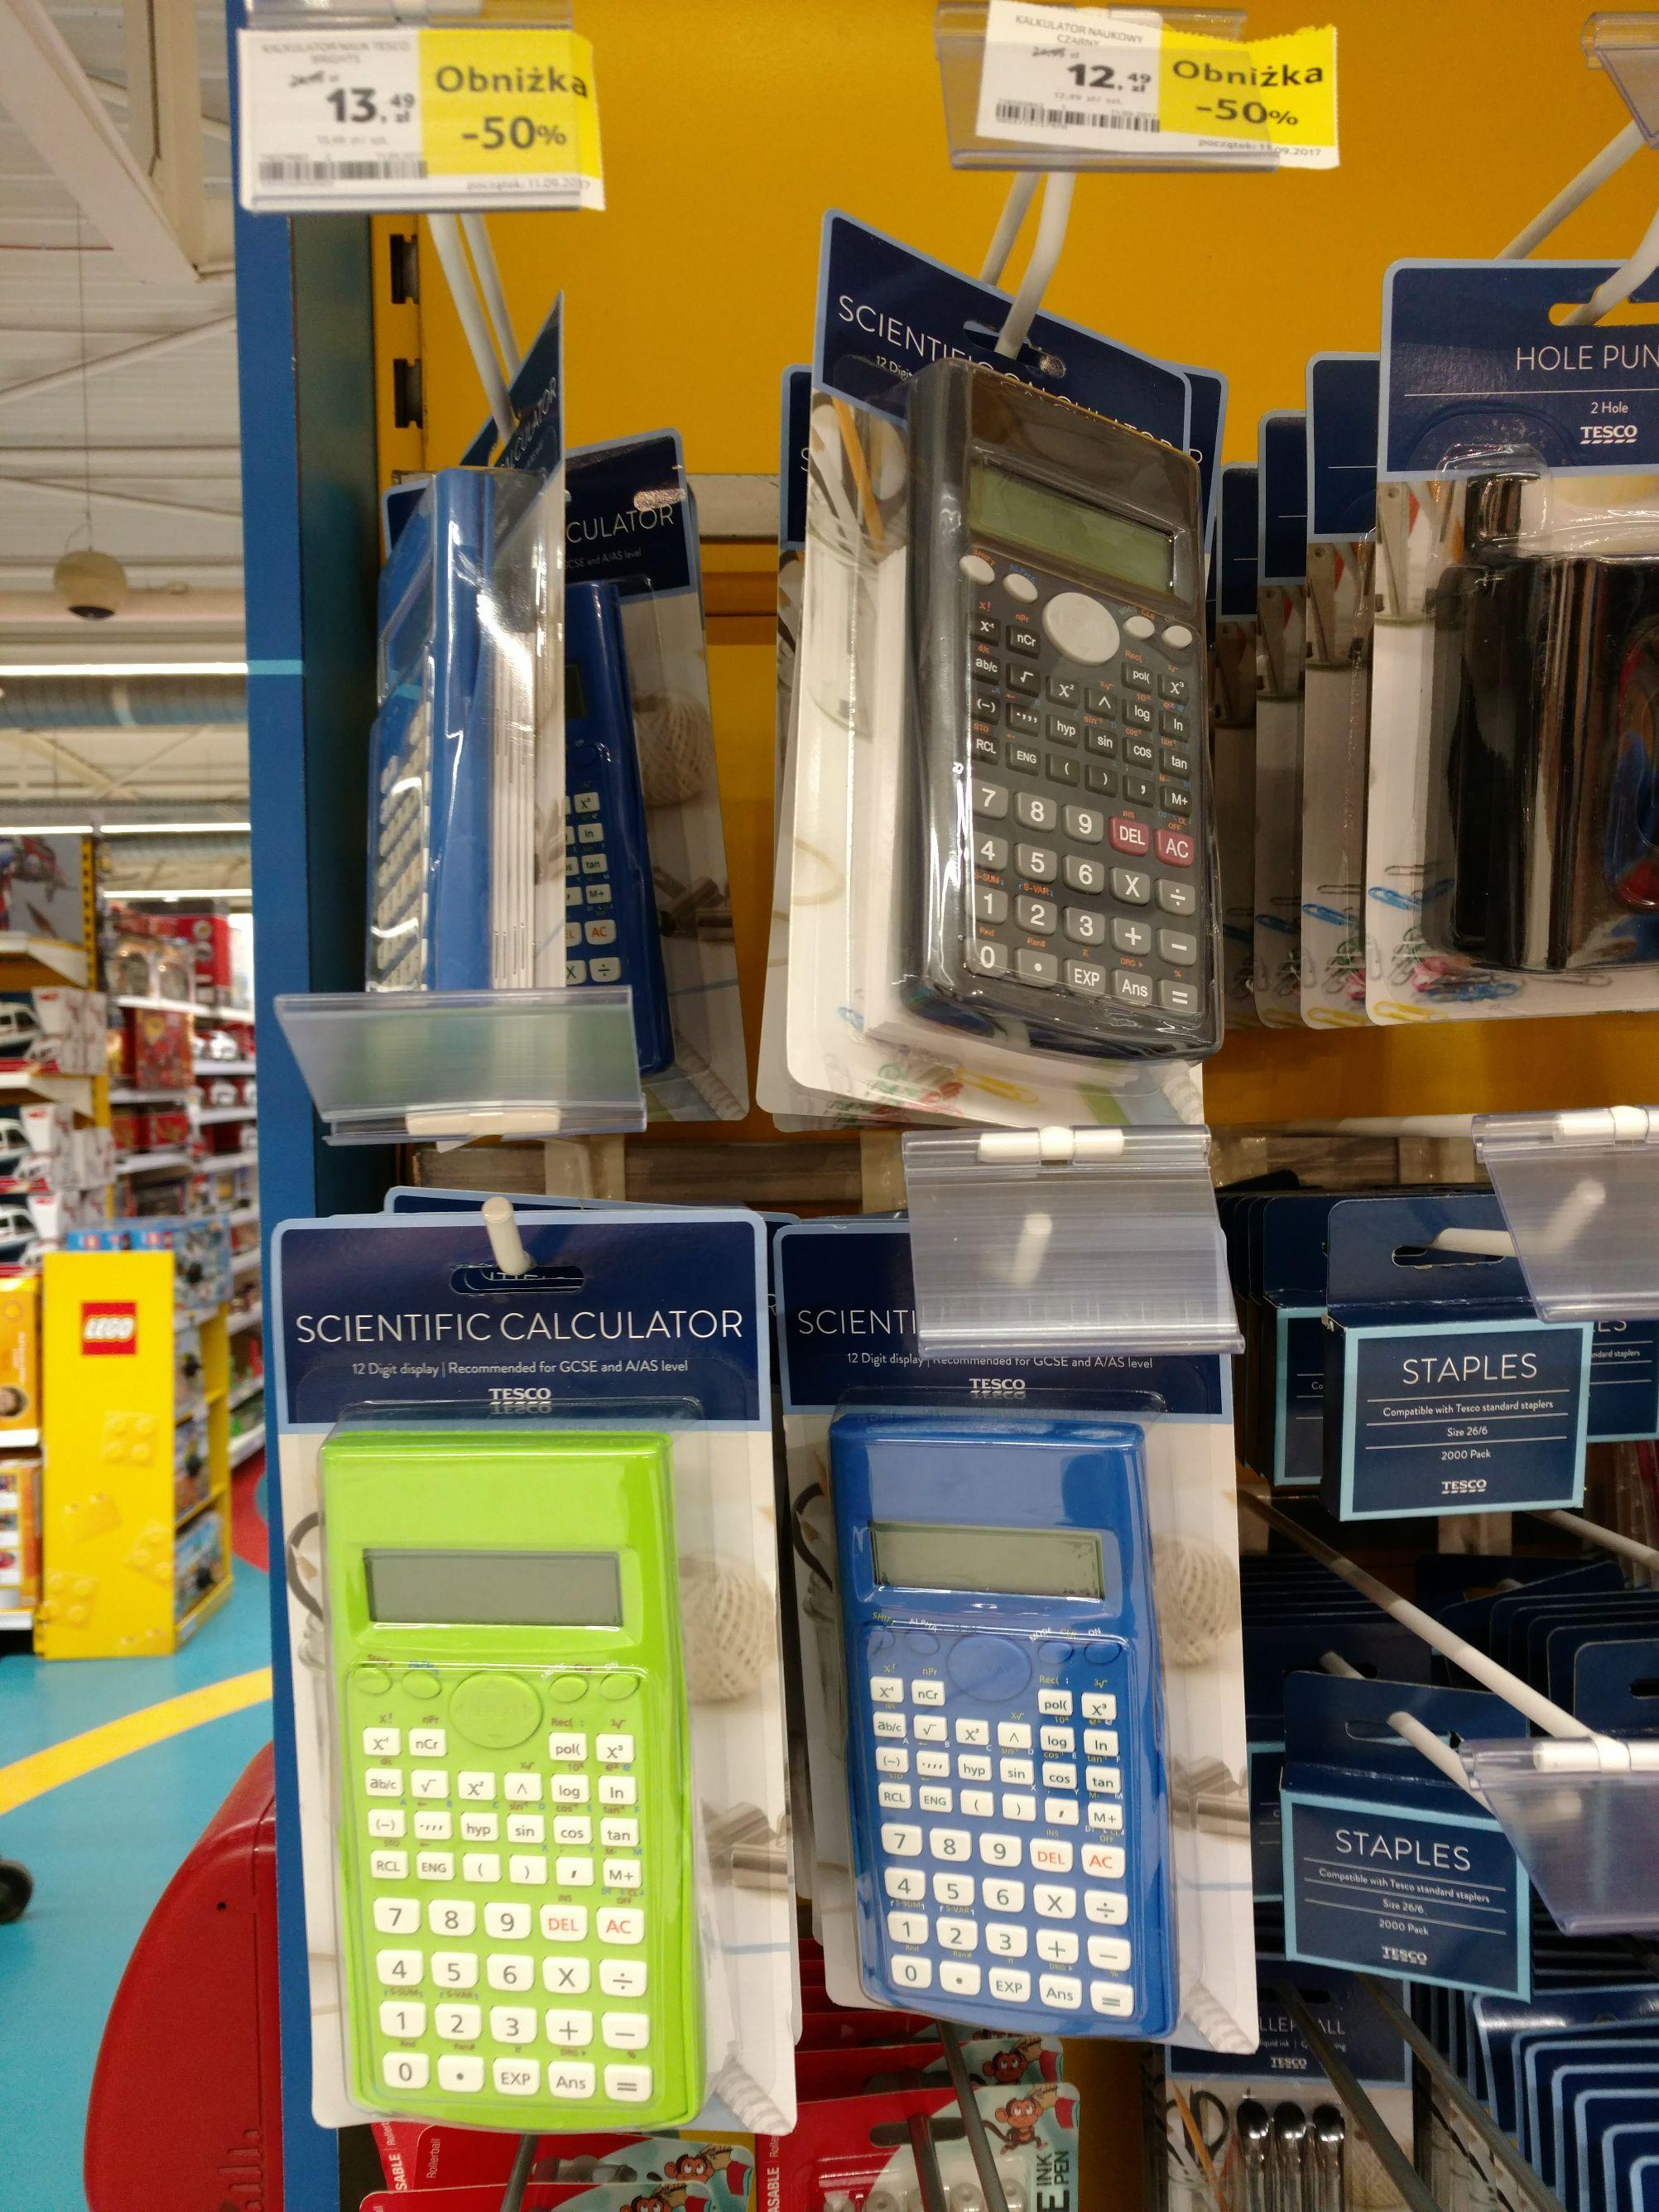 -50% na wybrane artykuły szkolne w Tesco. Np. Kalkulatory inżynierskie 12,49.